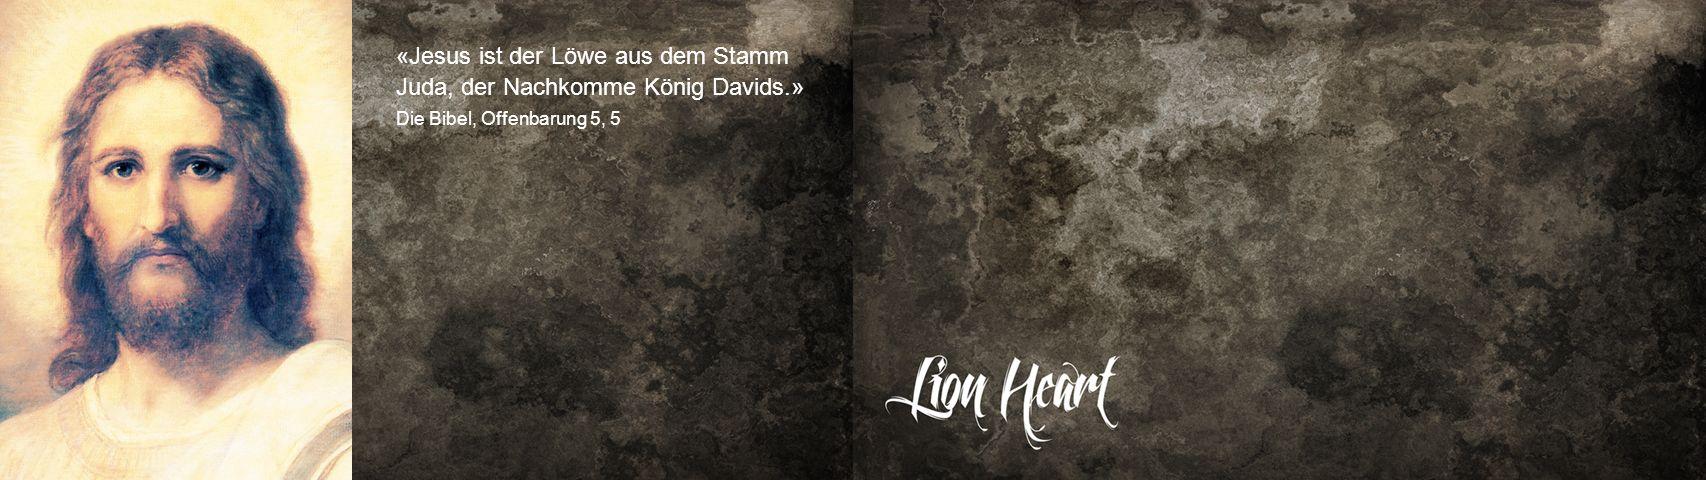 «Jesus ist der Löwe aus dem Stamm Juda, der Nachkomme König Davids.» Die Bibel, Offenbarung 5, 5